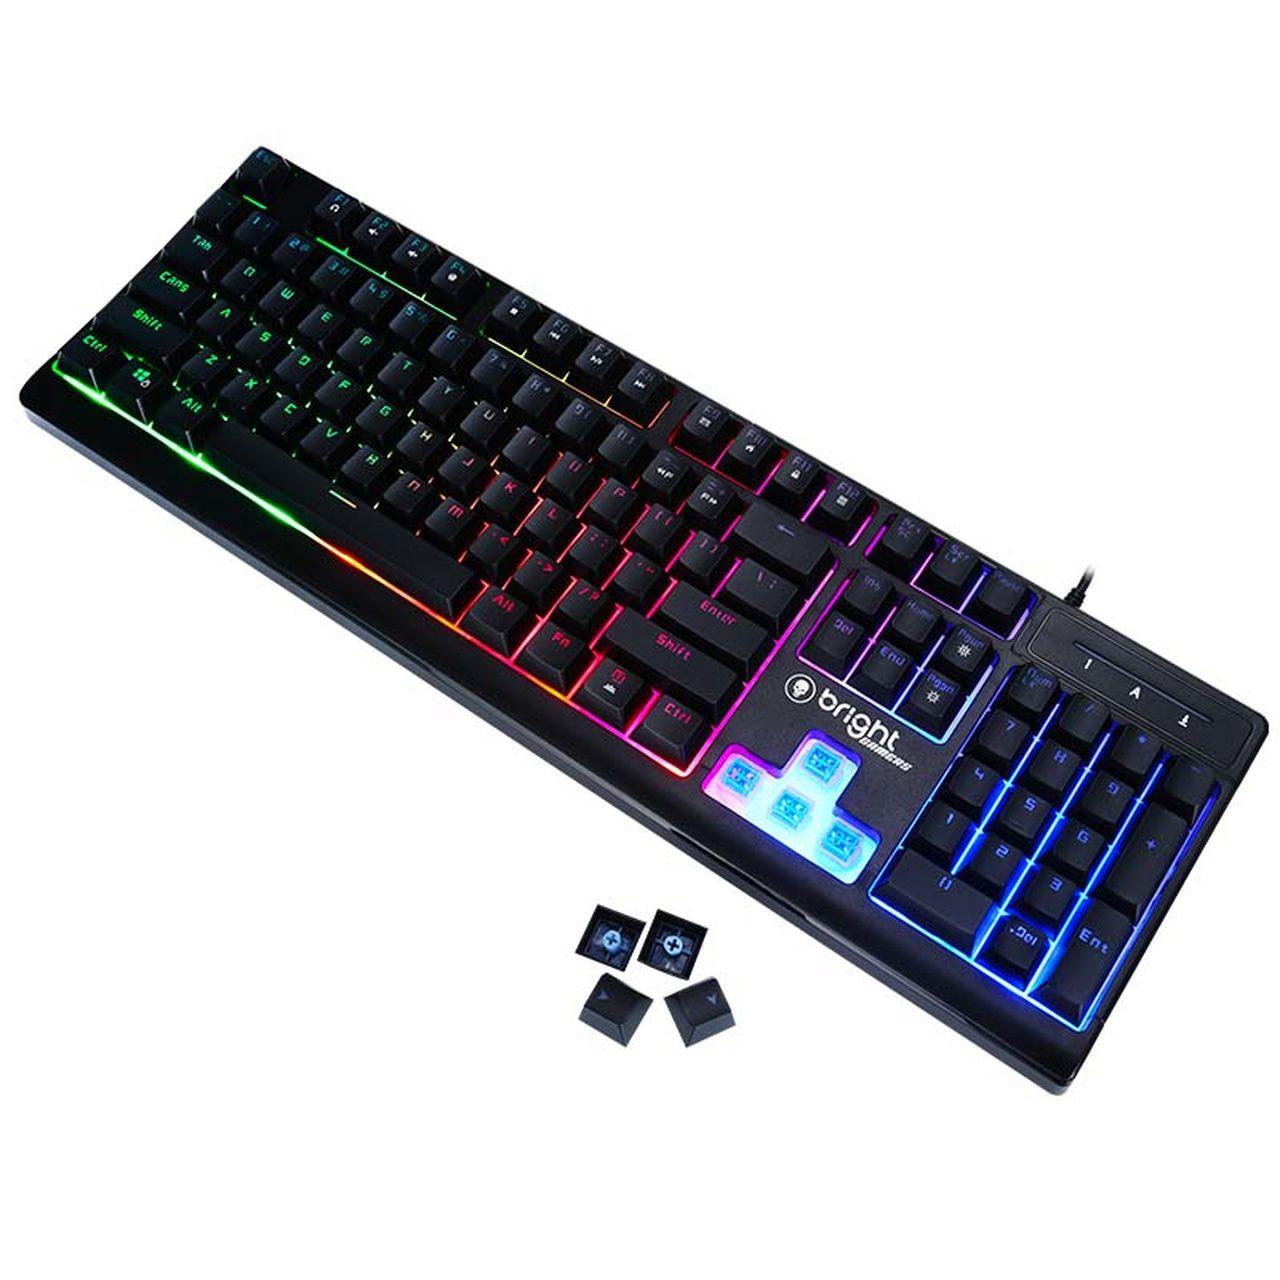 Teclado Gamer Semi Mecânico 0541 - Bright